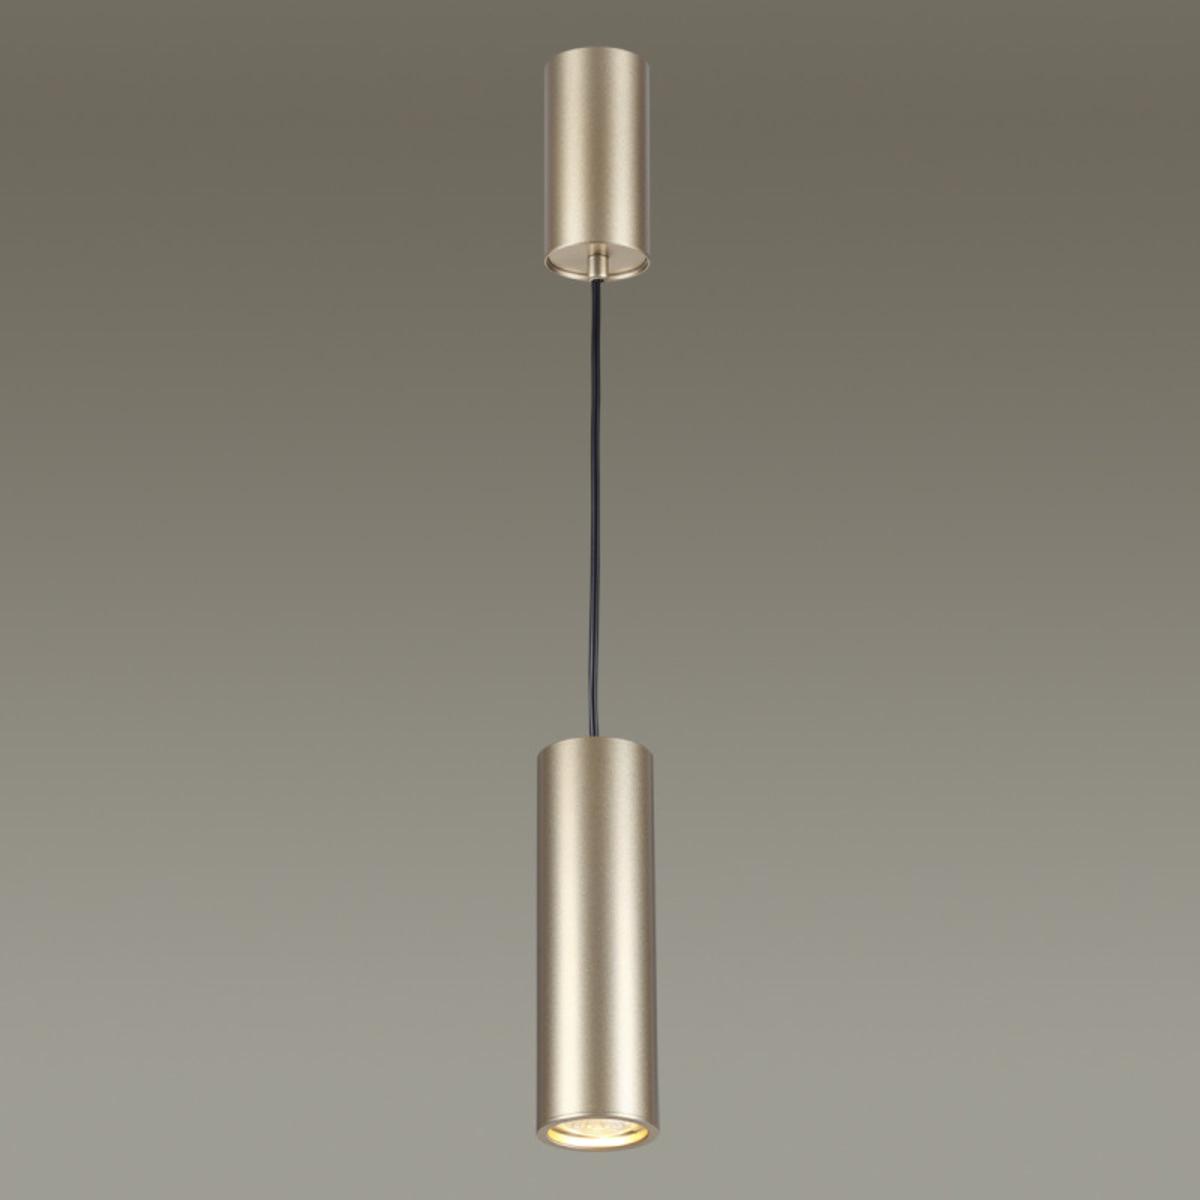 Купить Подвесной светильник VINCERE Подвесной светильник Odeon Light 3828/1CA (13641), HomeMe